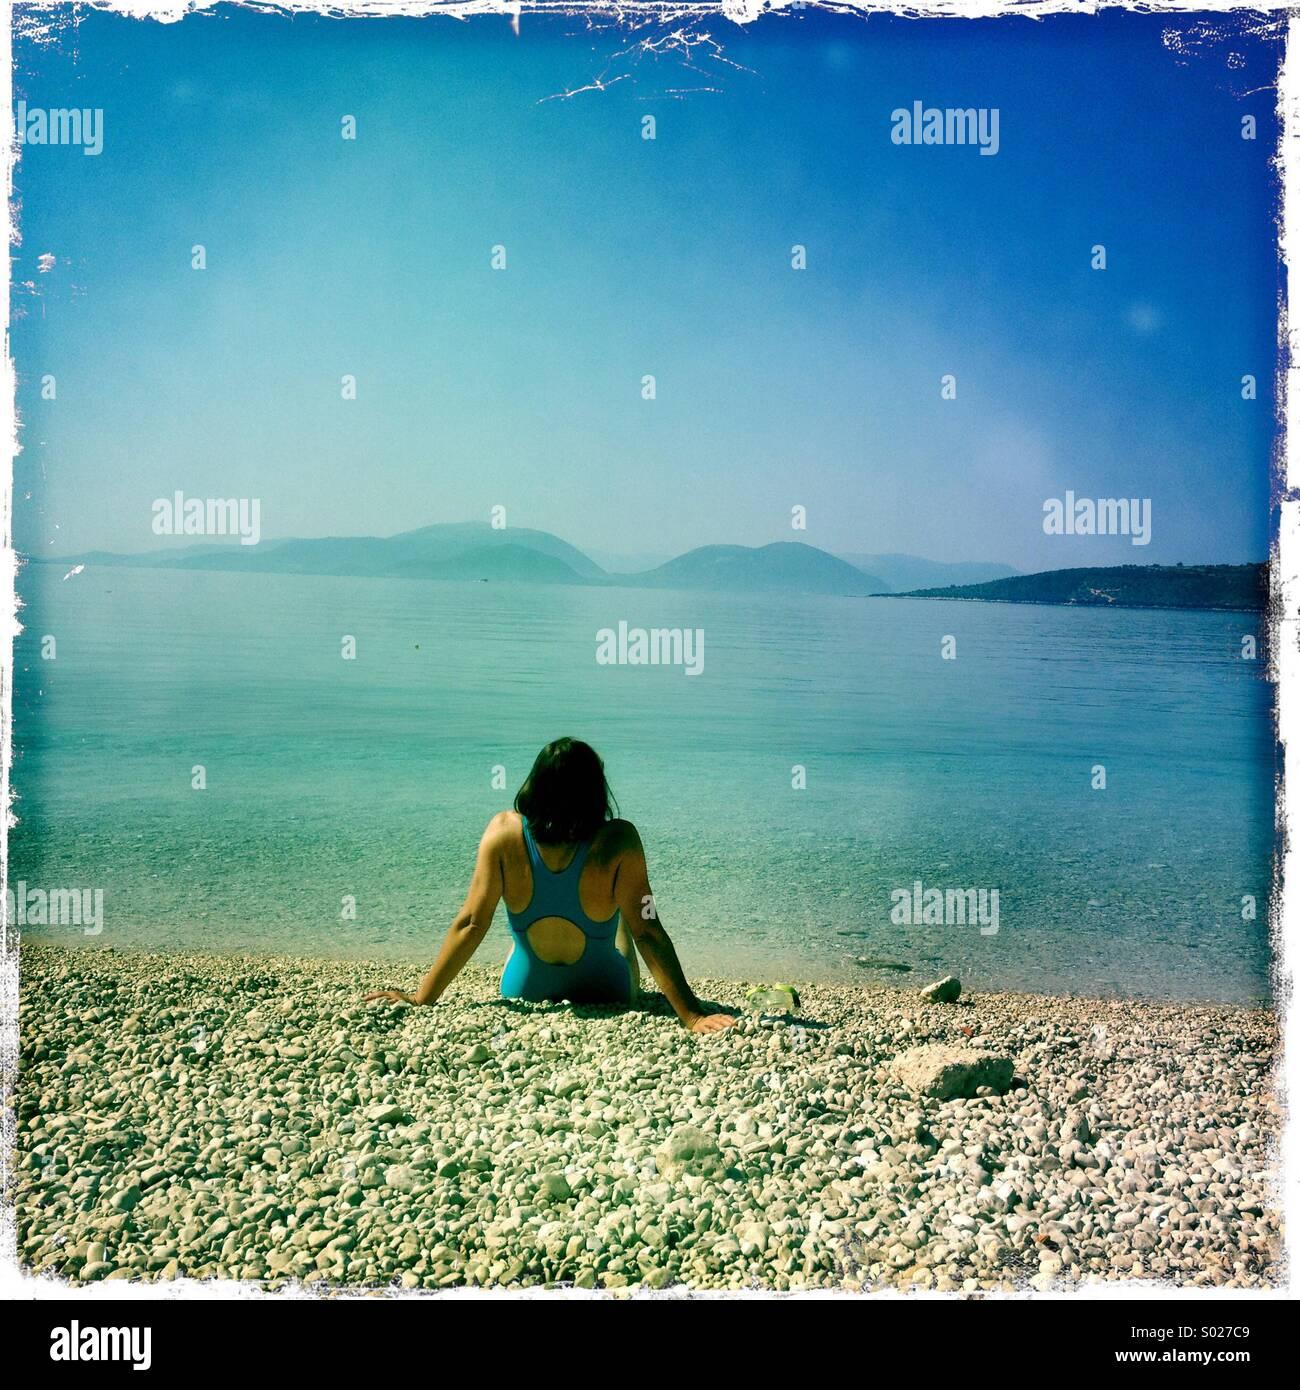 La donna da sola sulla spiaggia, Lefkada, Grecia Immagini Stock